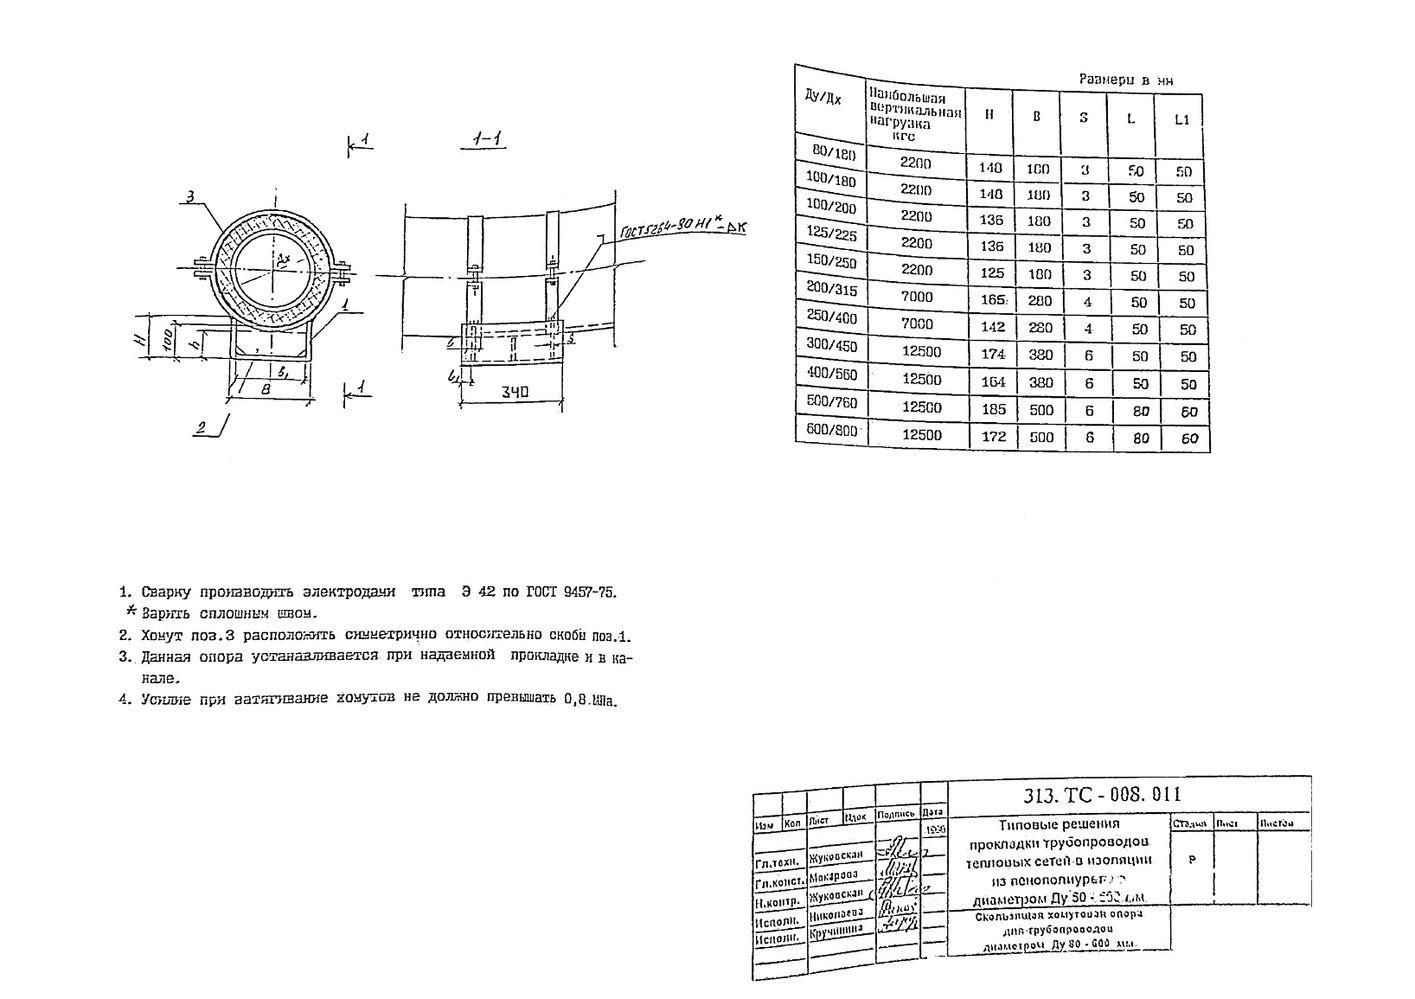 Скользящая хомутовая опора для трубопроводов Ду80-600 313.ТС-008.011